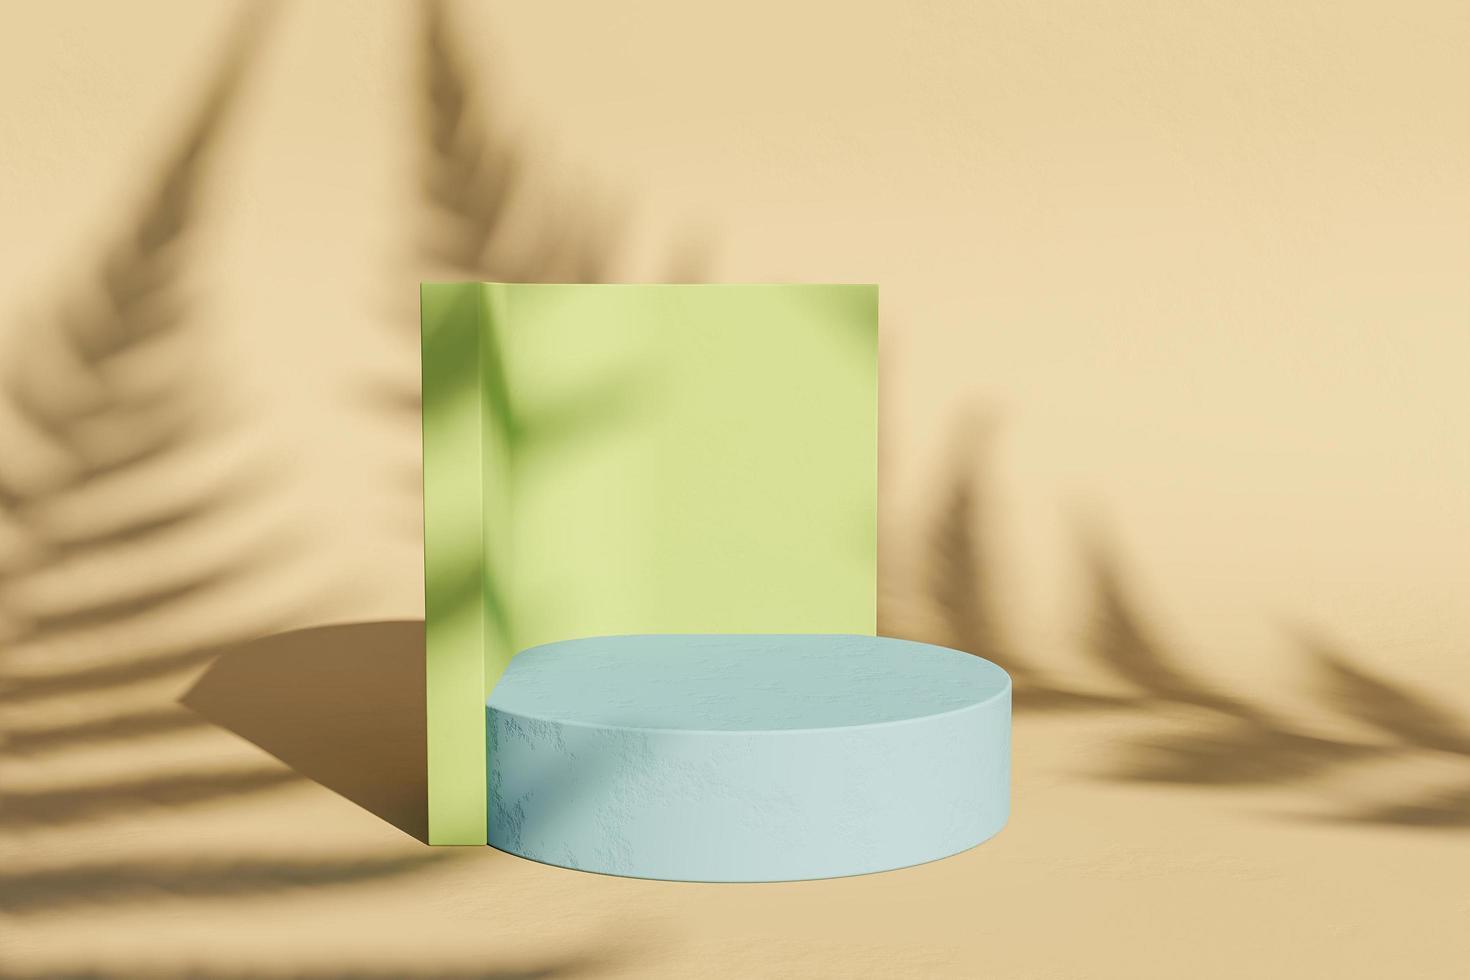 supporto minimalista per l'esposizione del prodotto con paralume di felce foto